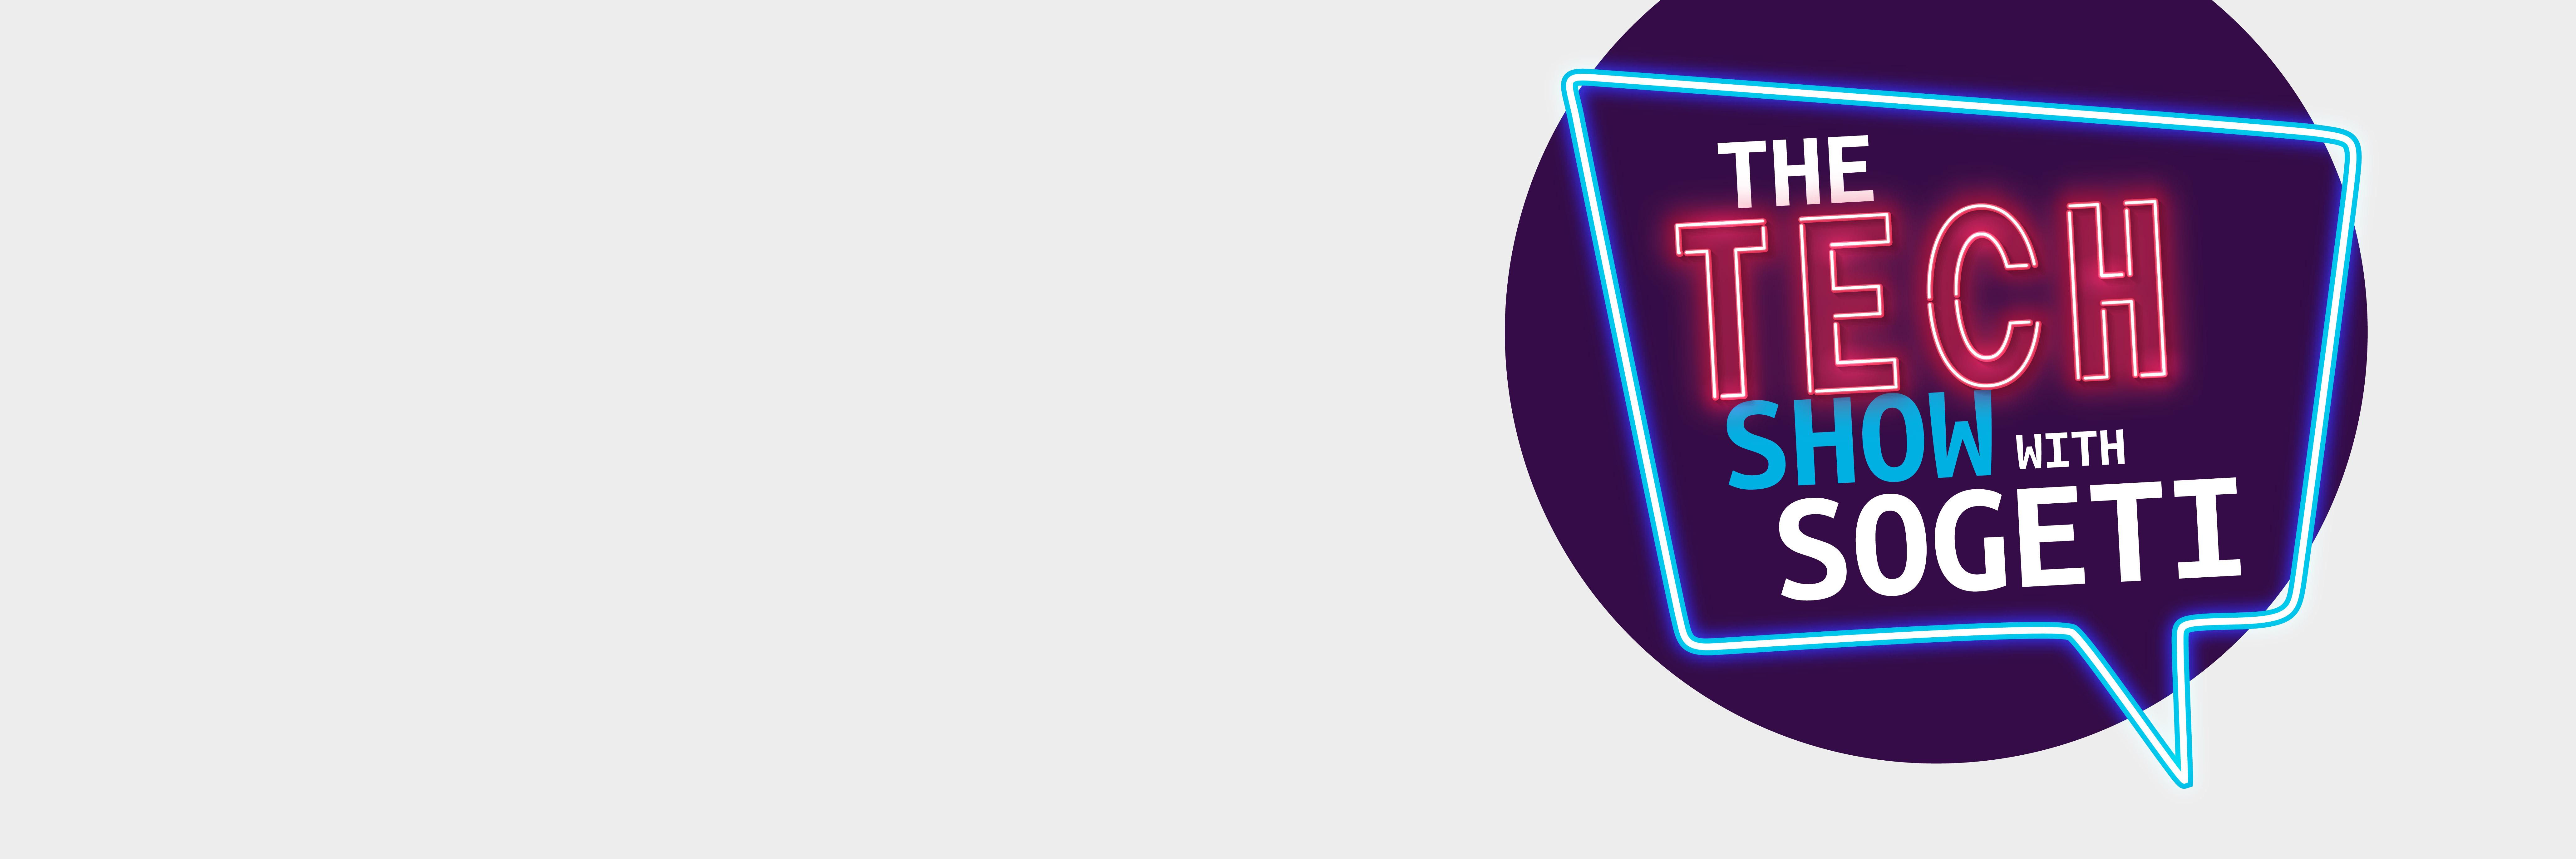 The Tech Show with Sogeti, notre talk-show mensuel 100% Tech - 1er épisode le 22 juin